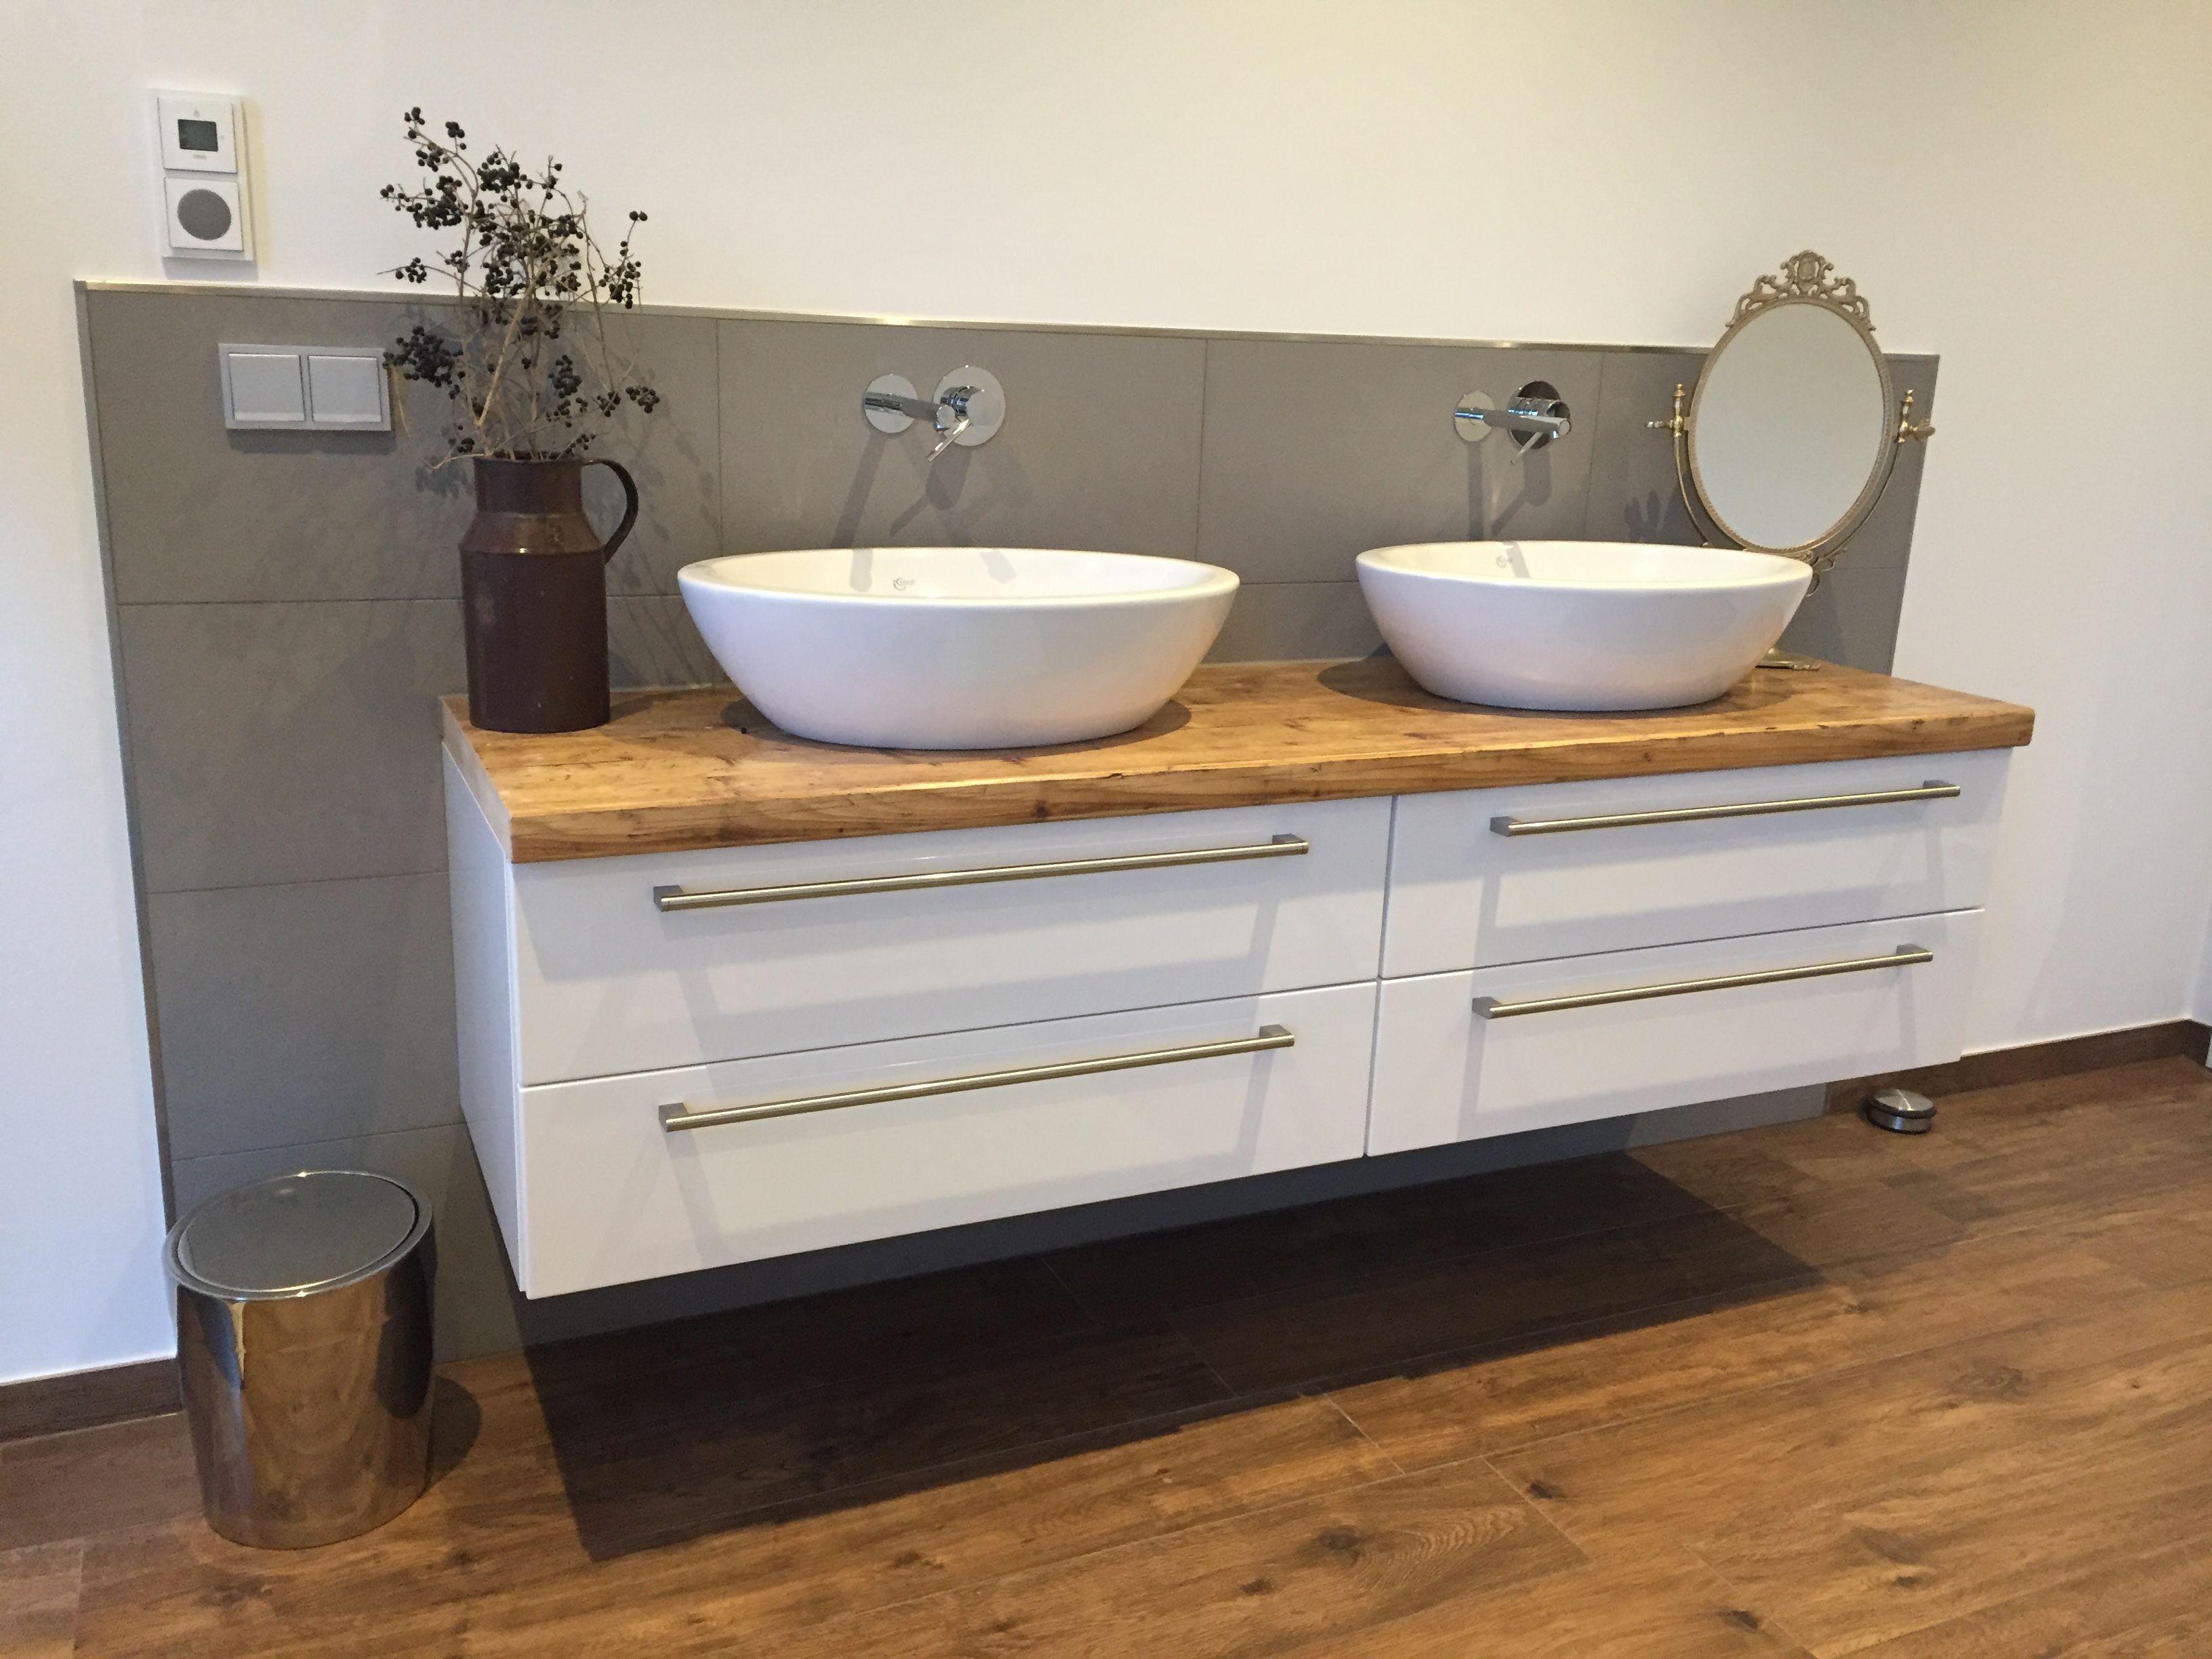 Holz Badezimmermöbel ~ Besten ausliebezumholz berlin waschtische badezimmer furniture